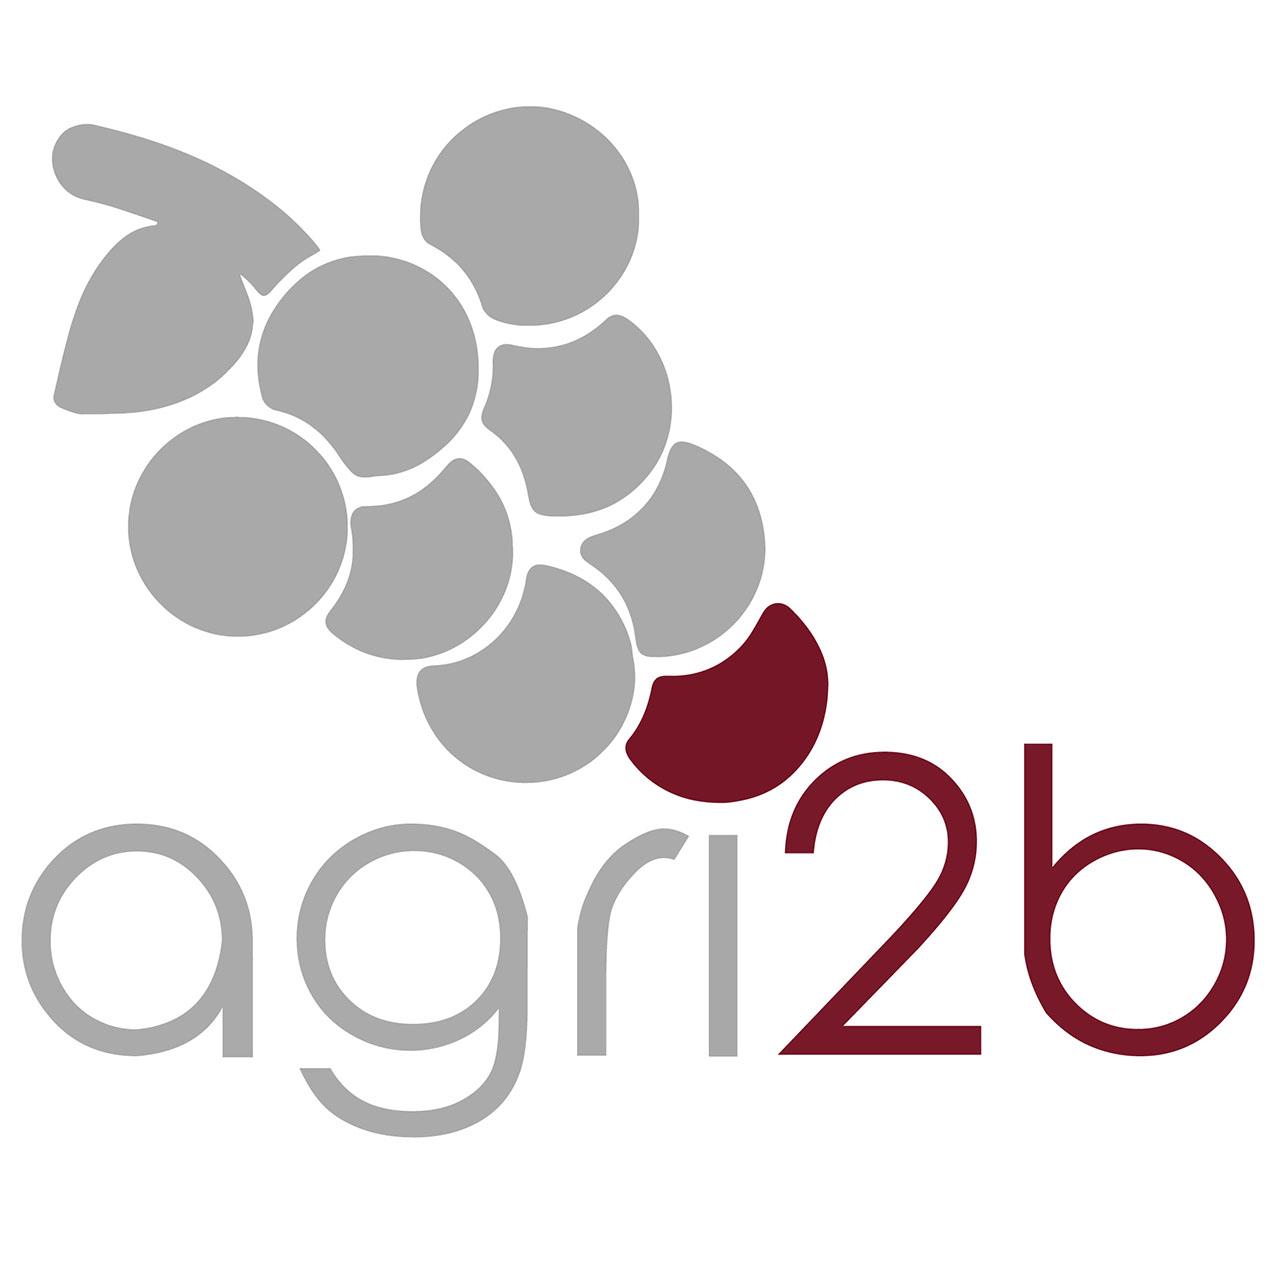 agri2b-logo-grafica-sito-web-contessifostinelli